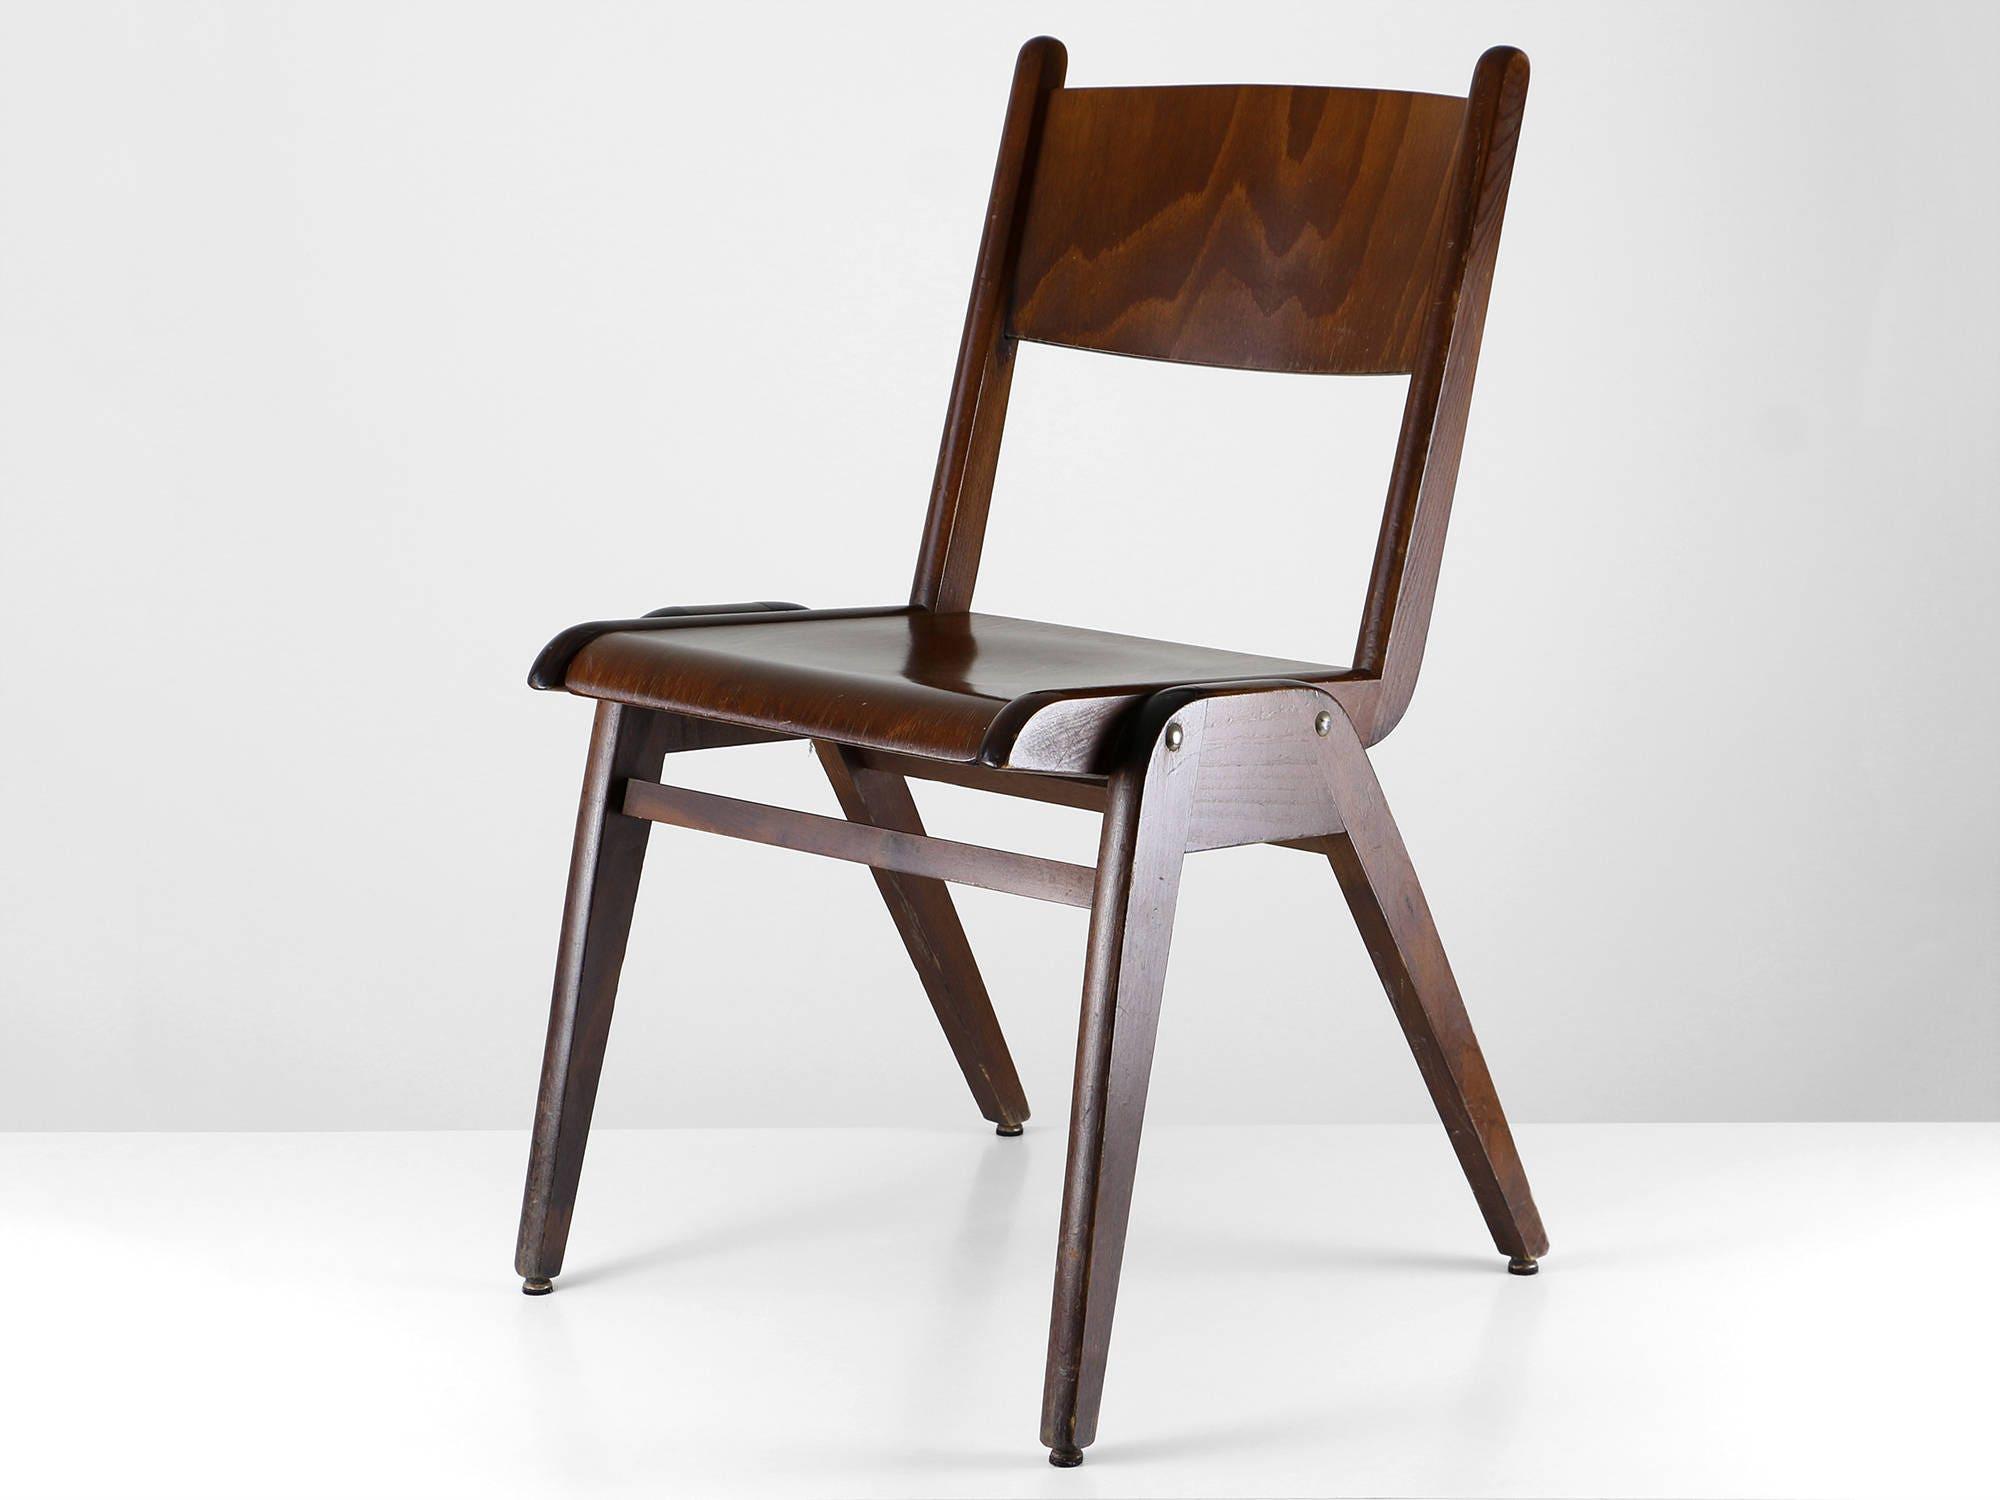 Vintage Casala Stuhl 50er Modern Dining Chair Holz Stuhl